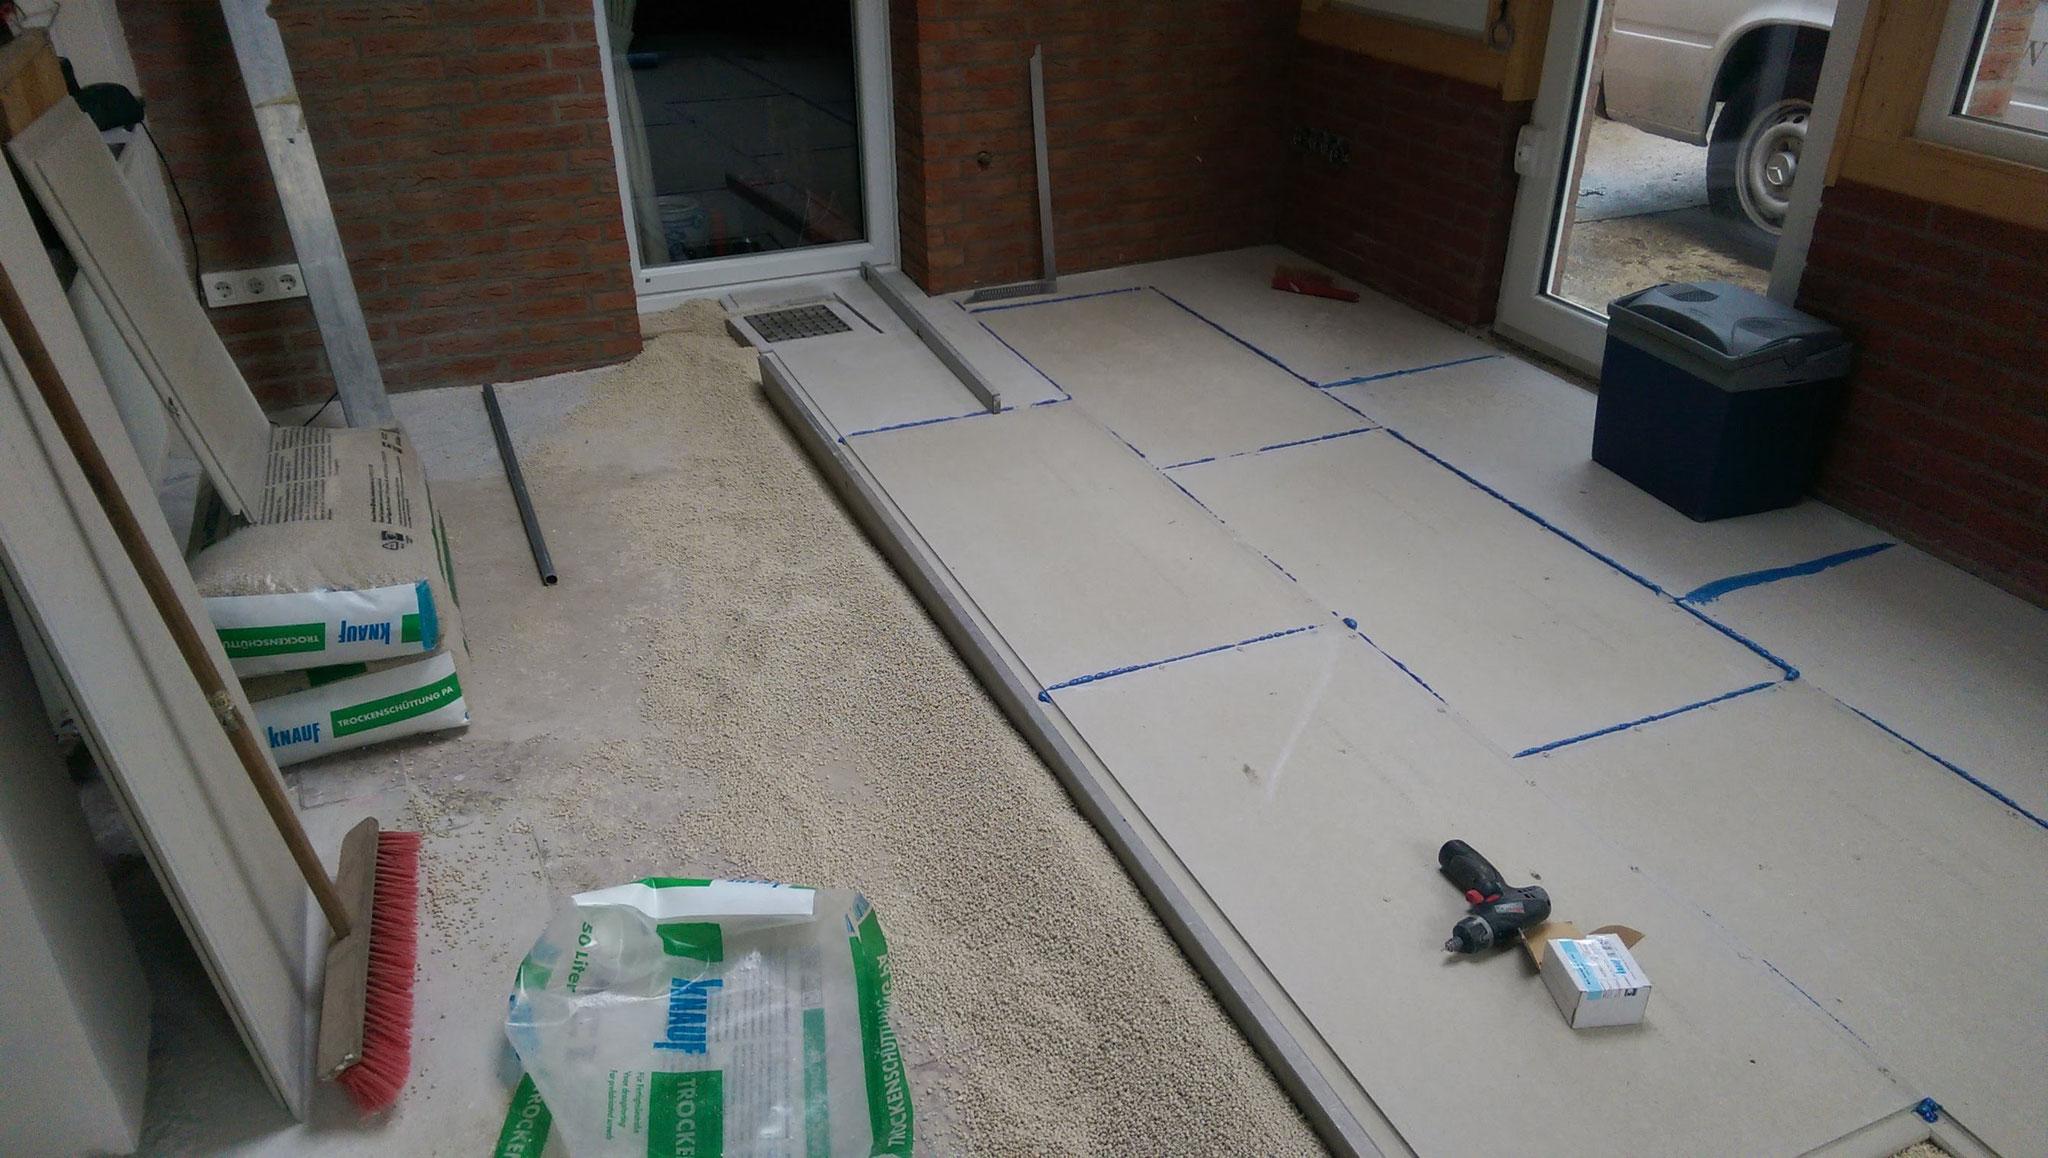 Fußboden Erneuern ~ Fußboden styropor verlegen fußboden erneuern bodenbeläge im